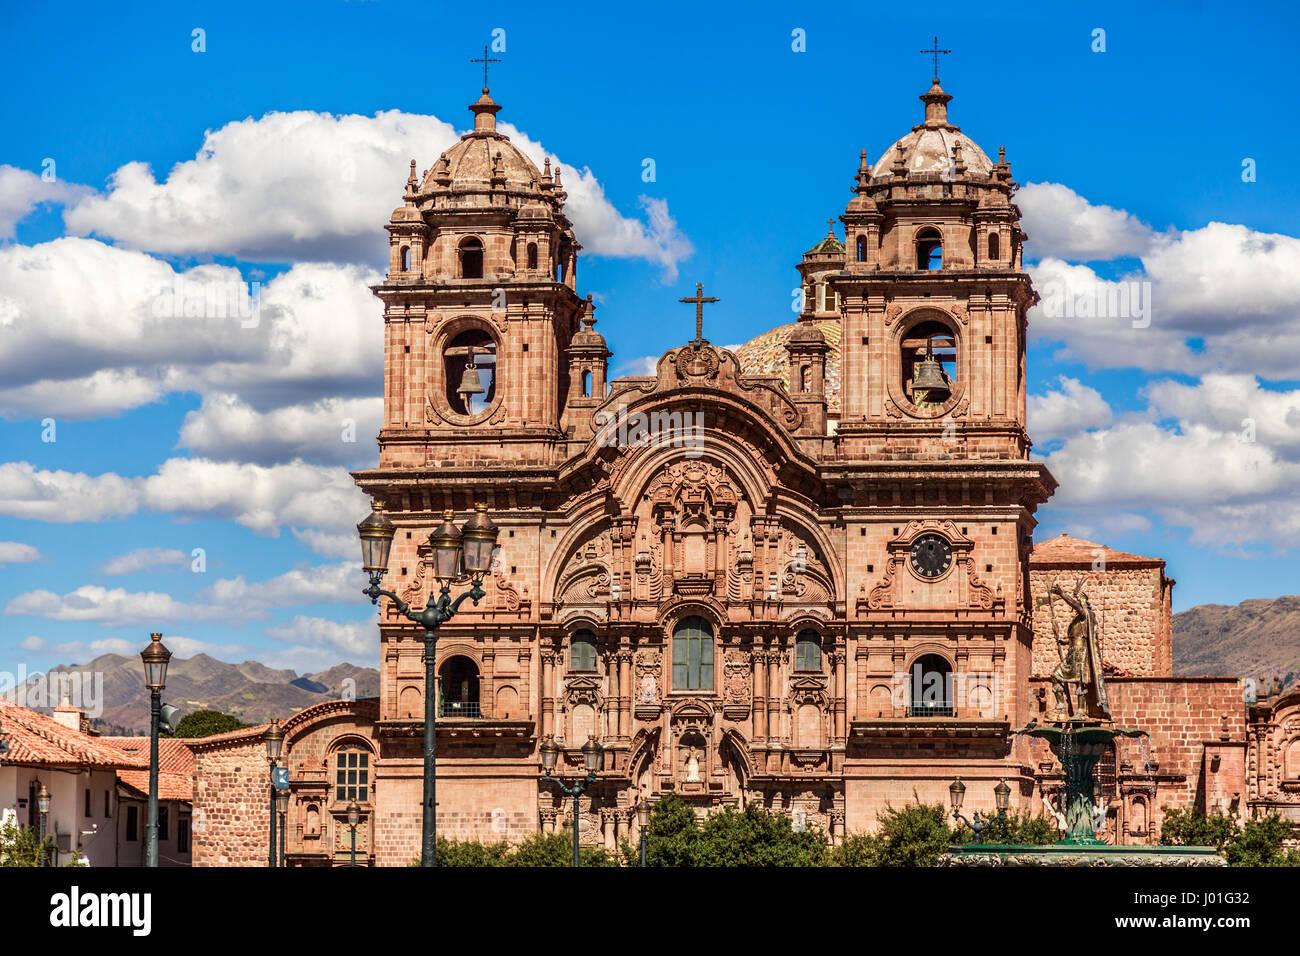 Kirche der Gesellschaft Jesu, eine der größten Kathedralen von Cuzco, Peru Stockfoto